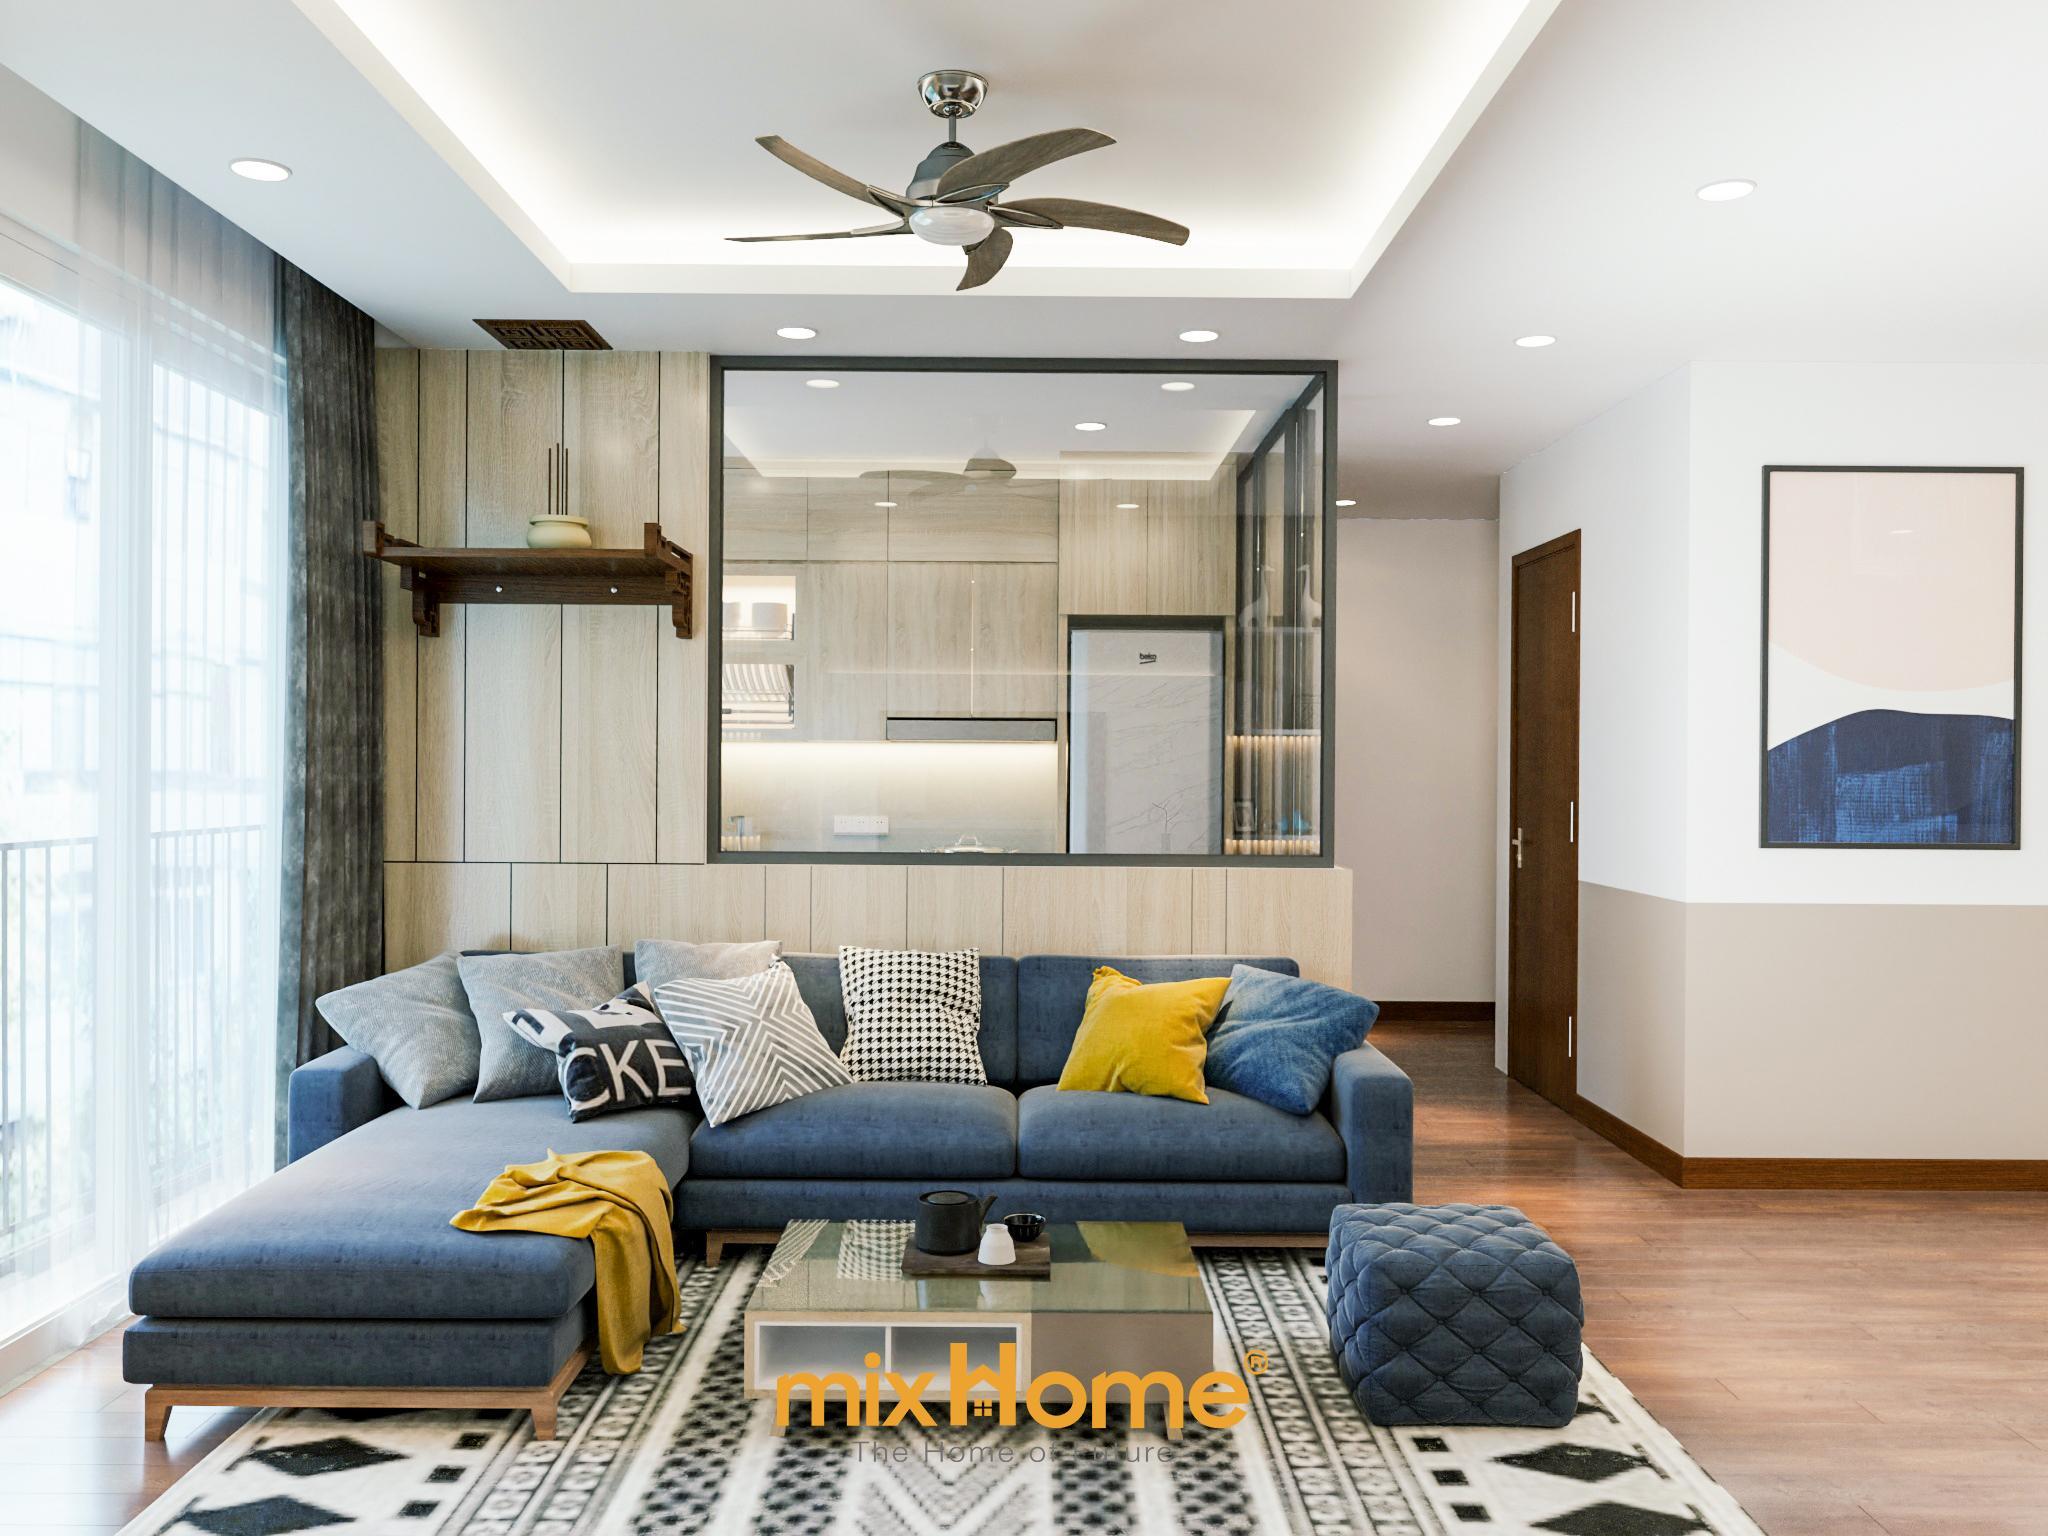 công ty cổ phần thiết kế nội thất mixhome